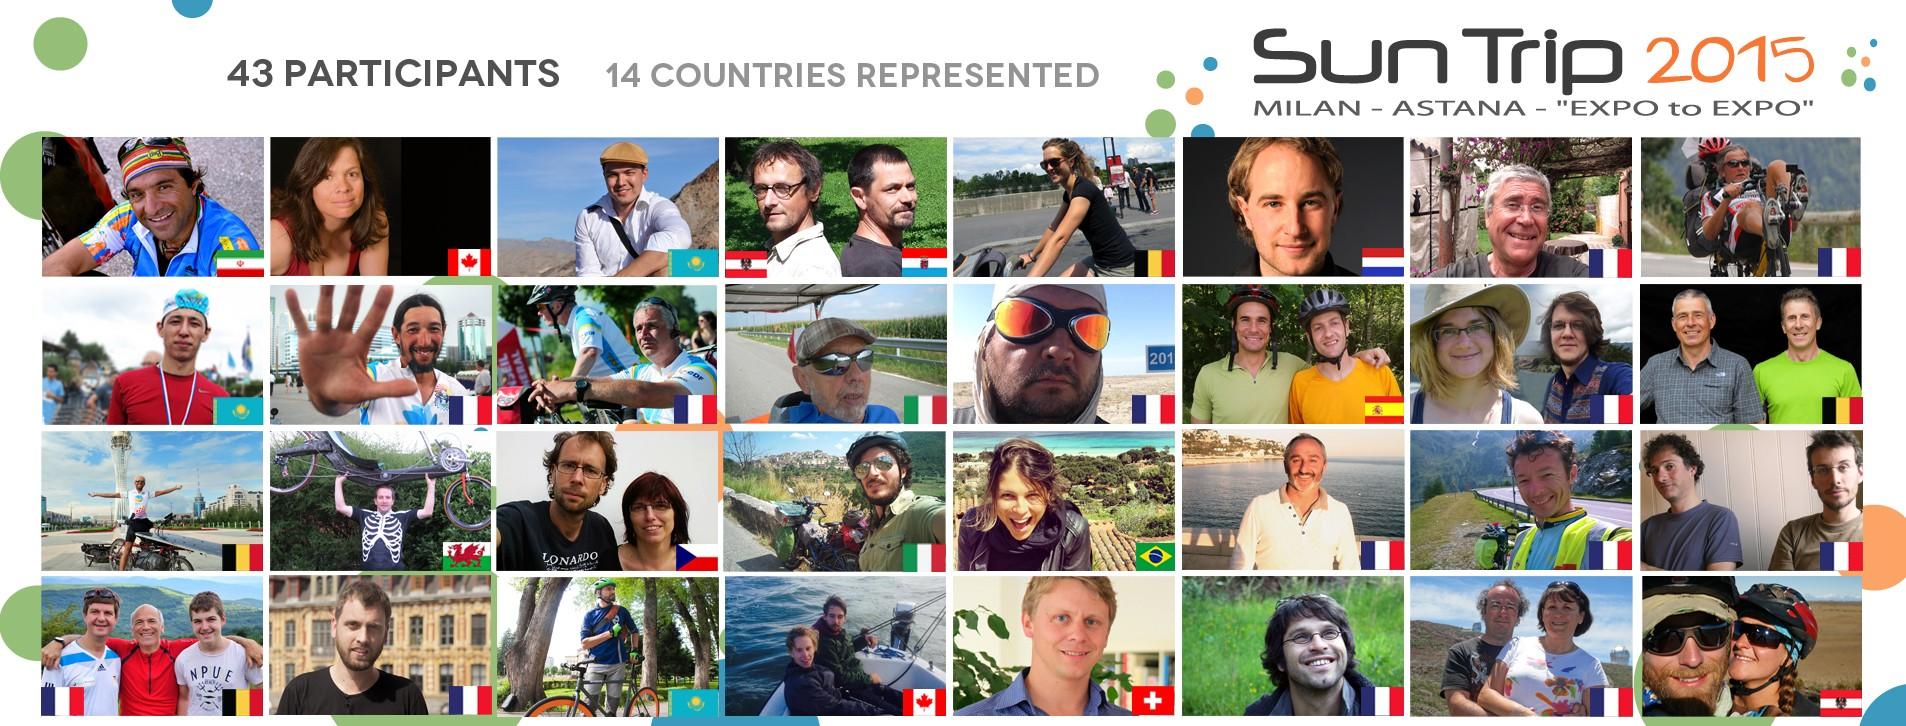 I 43 avventurieri che prenderanno parte alla seconda edizione di The Sun Trip (fonte: thesuntrip.com)